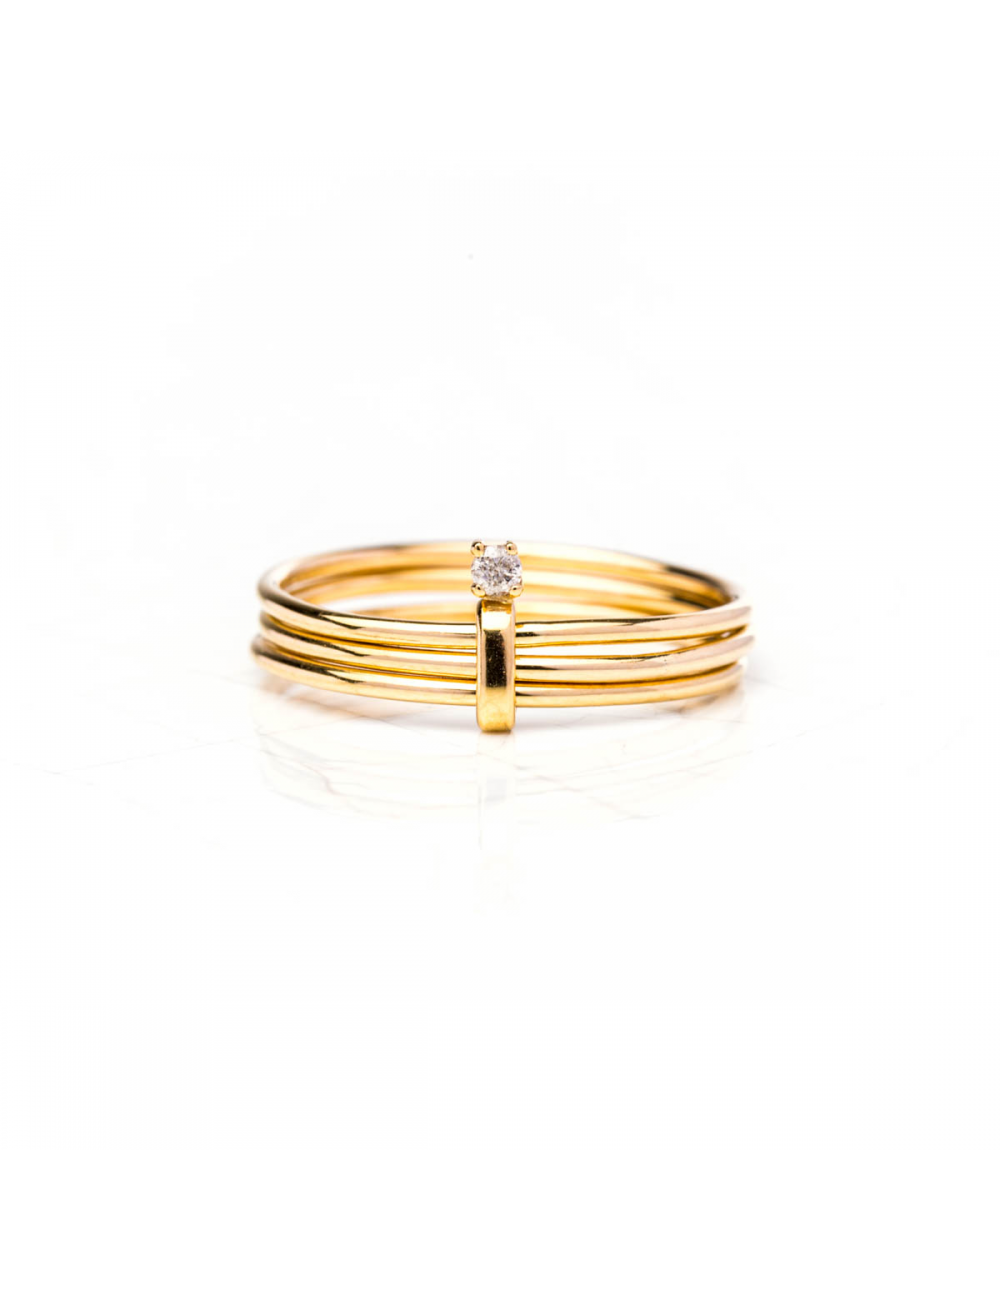 Bague semainier, sertie d'un diamant de 0.02 carat , Or jaune ou Or blanc, 9 carats